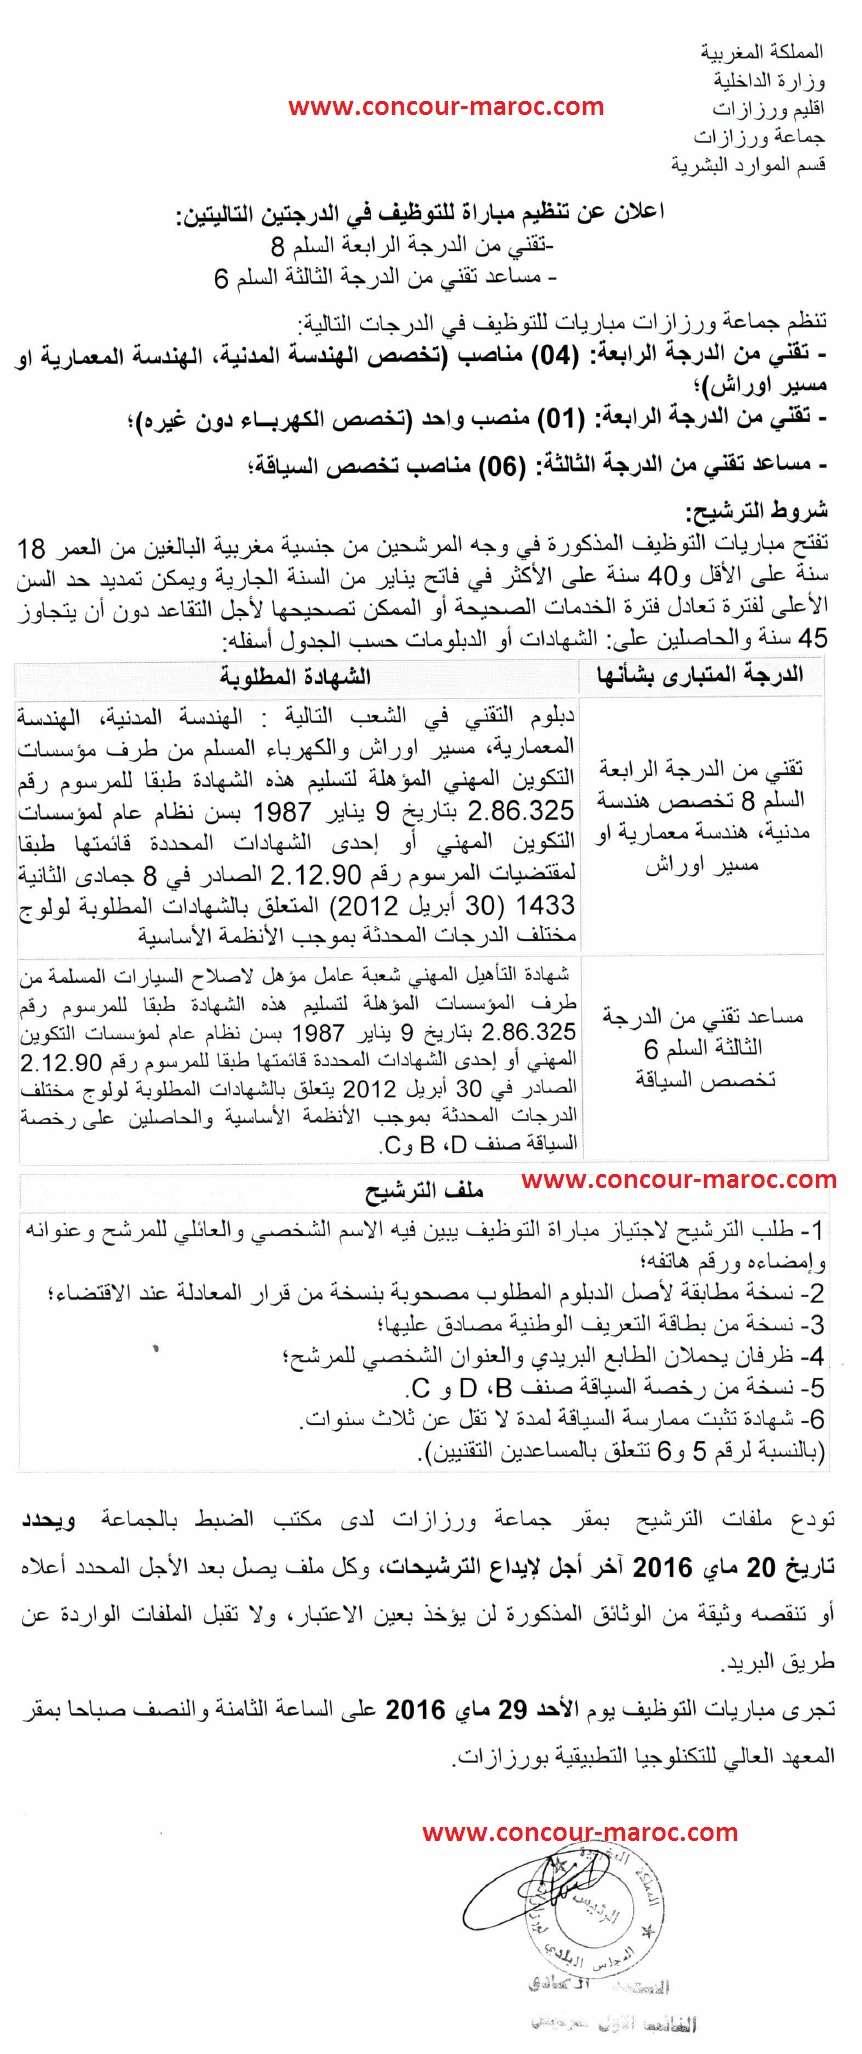 بلدية ورزازات (إقليم ورزازات) : مباراة لتوظيف تقني من الدرجة الرابعة (5 مناصب) و مساعد تقني من الدرجة الثالثة (6 مناصب) آخر أجل لإيداع الترشيحات 20 ماي 2016 Concou43